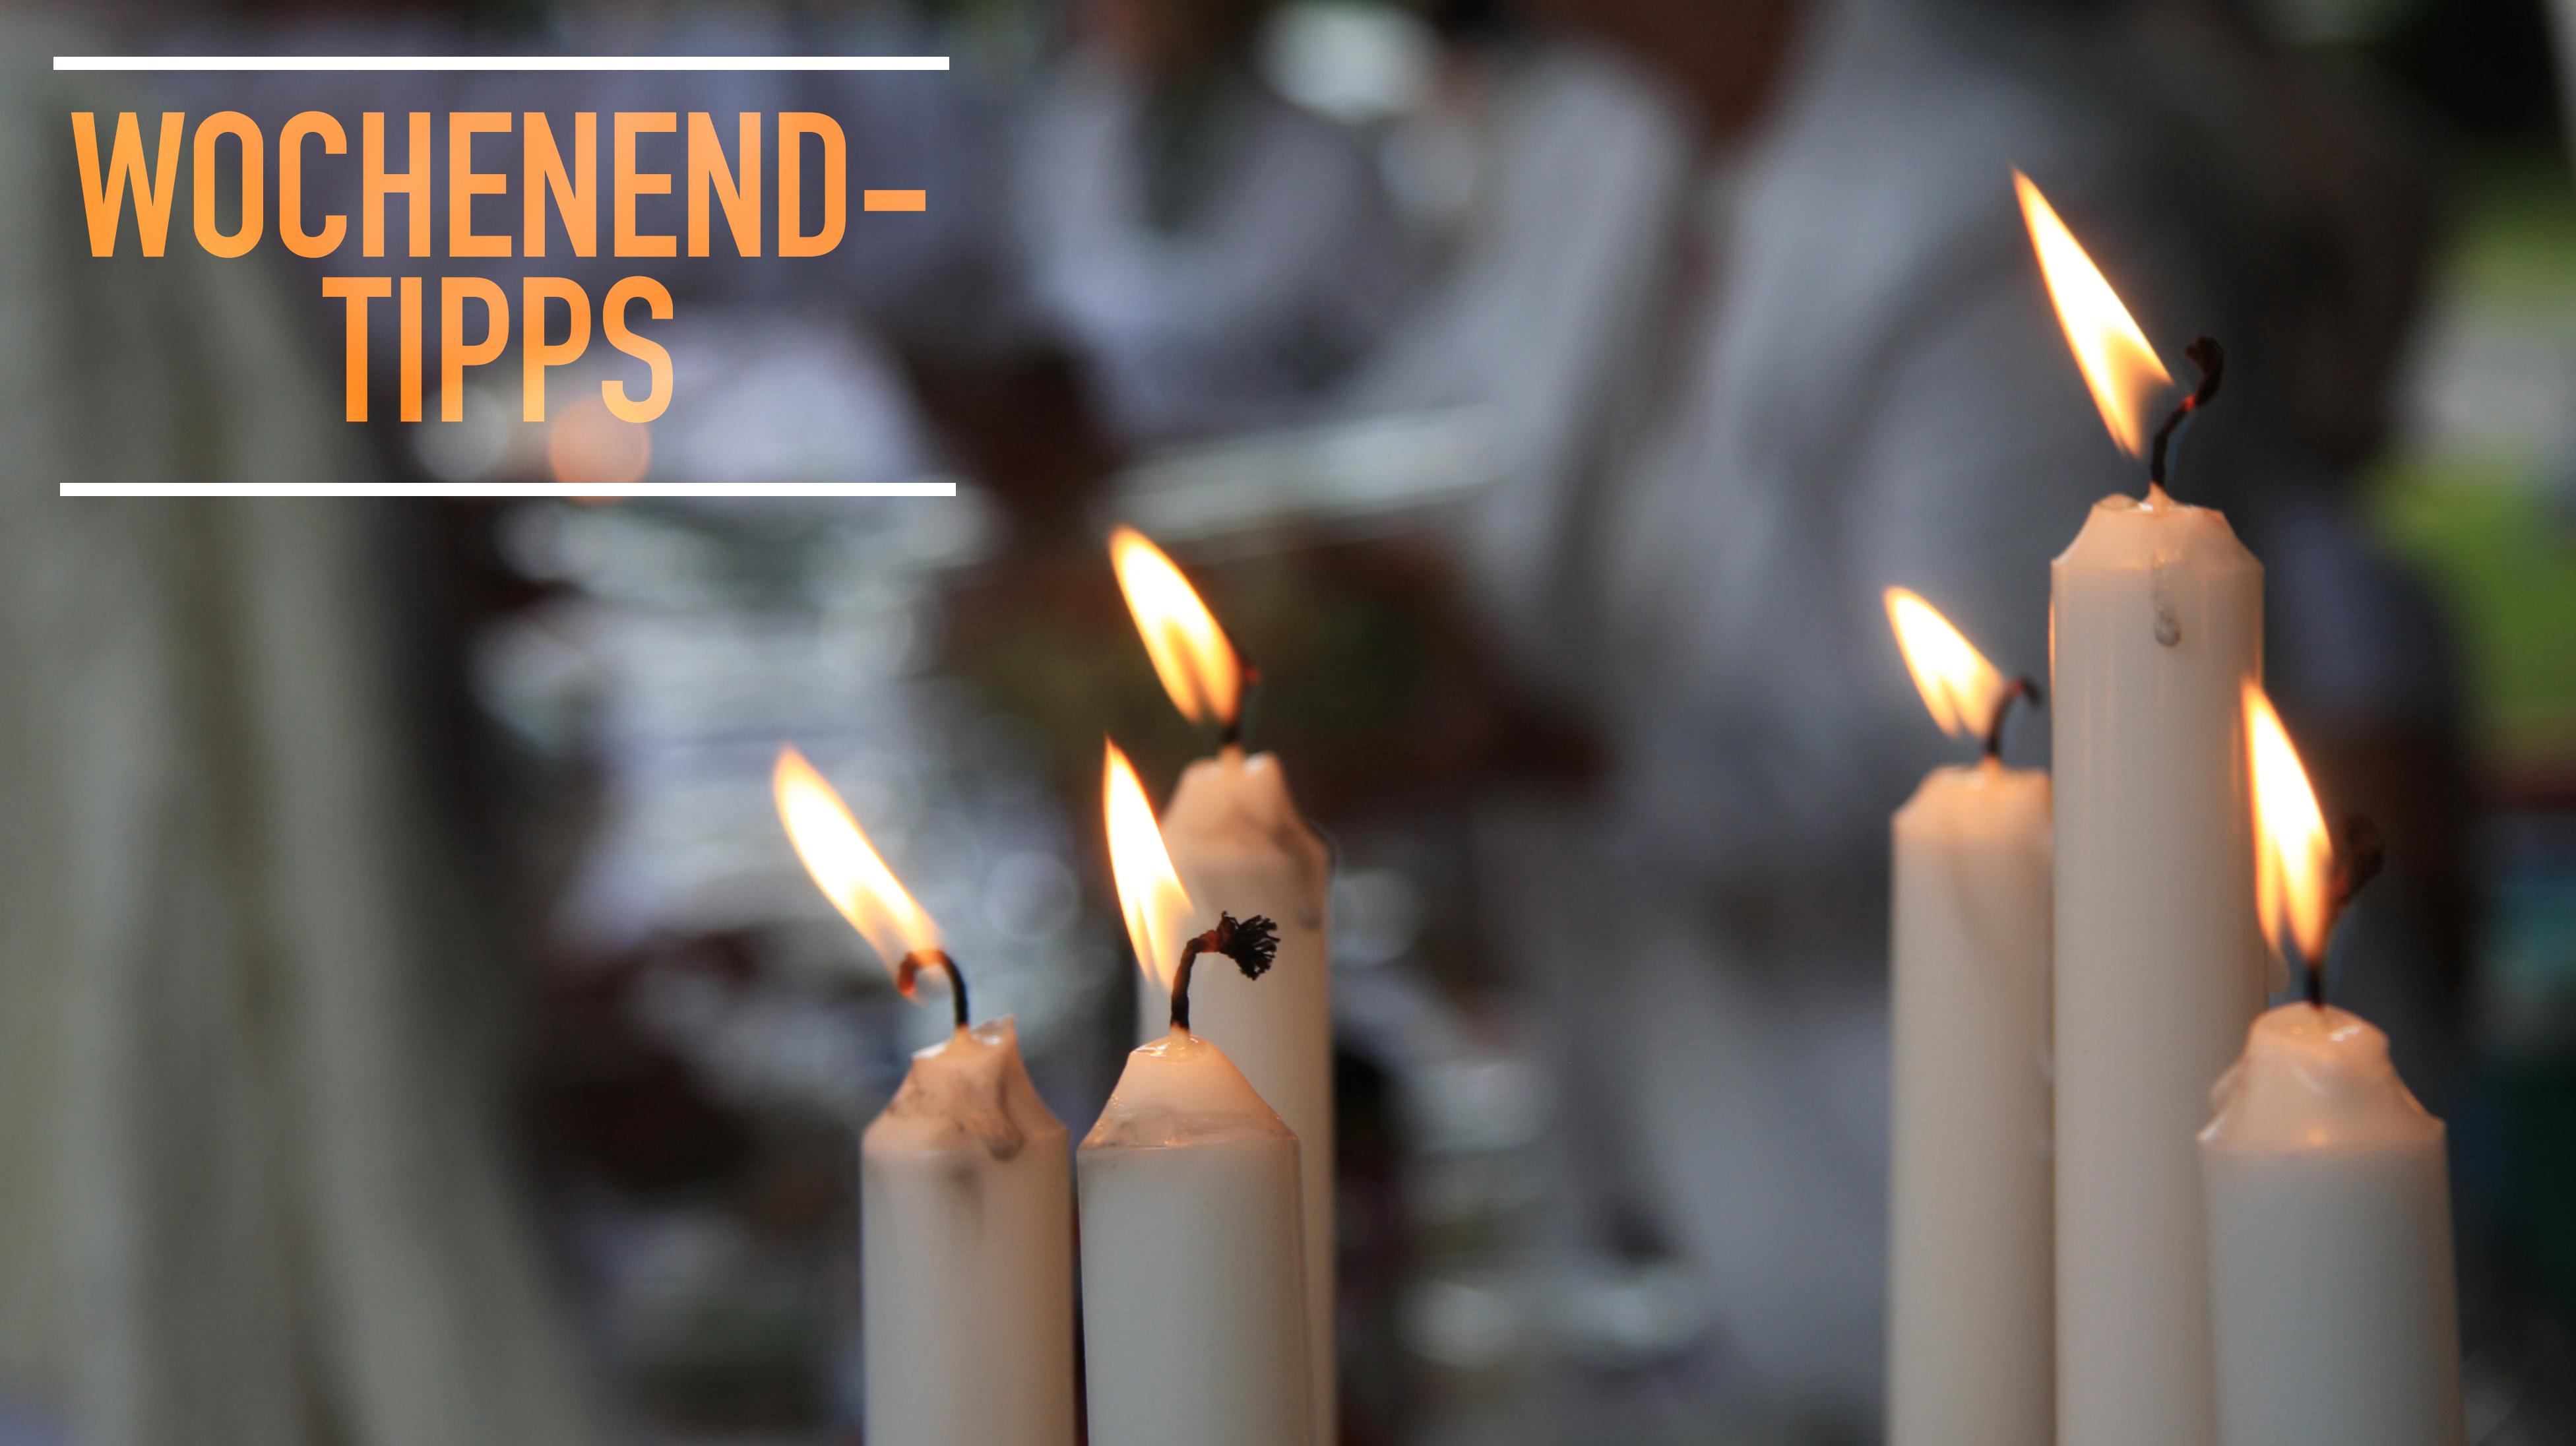 """Wochenendtipps: Tauferinnerungsgottesdienst, Orgelvesper, Ökumenischer Gedenkgang, """"Dinner in White"""", Kinderbibeltag und geistliche Chormusik"""